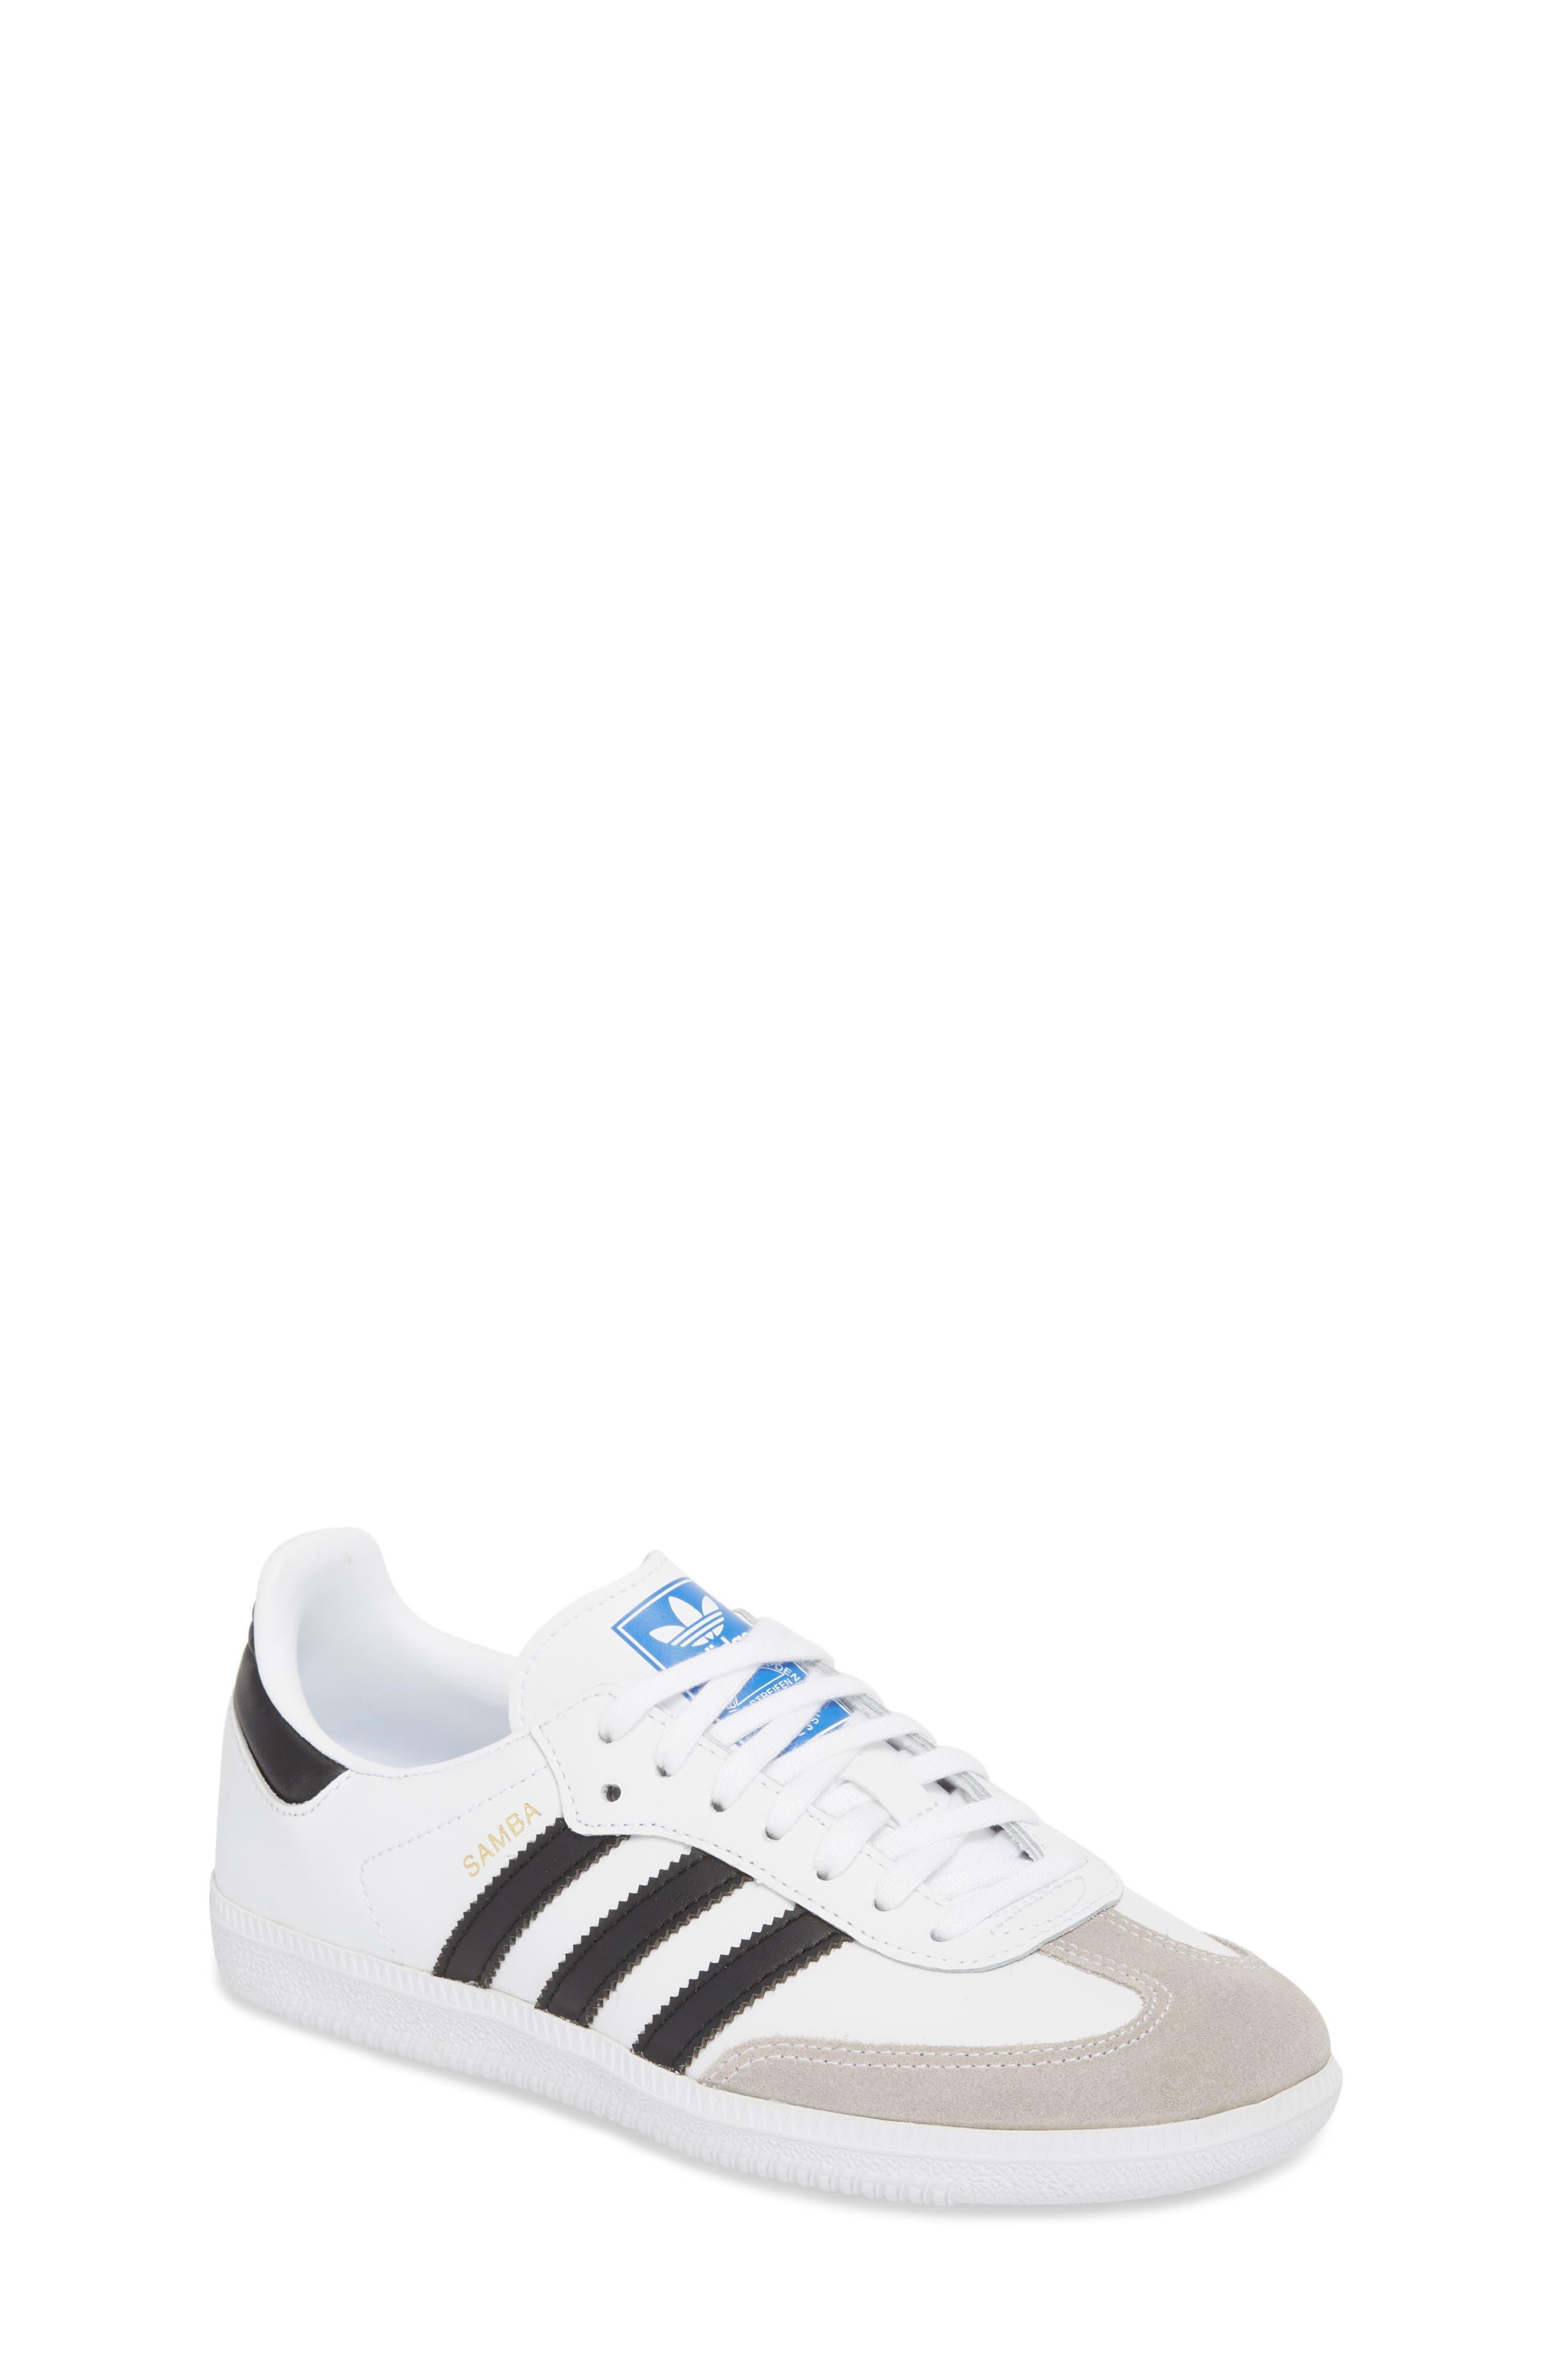 Samba OG Sneaker,                         Main,                         color, WHITE/ BLACK/ CRYSTAL WHITE